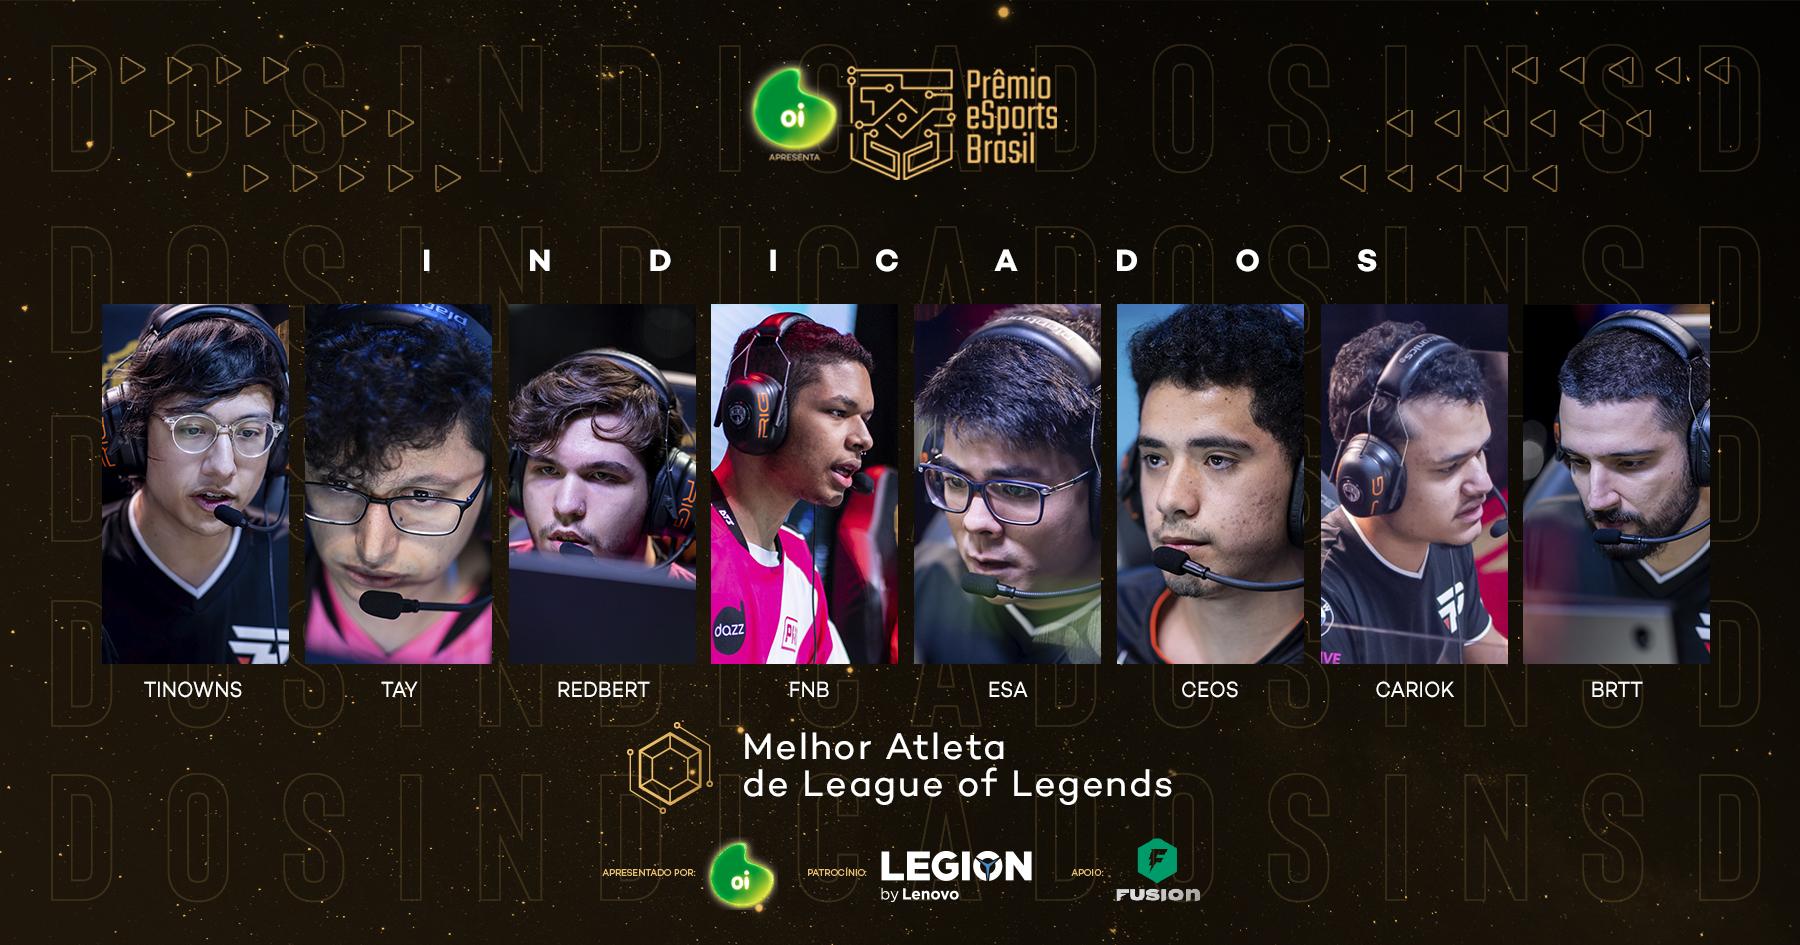 PEB 2020 League of Legends